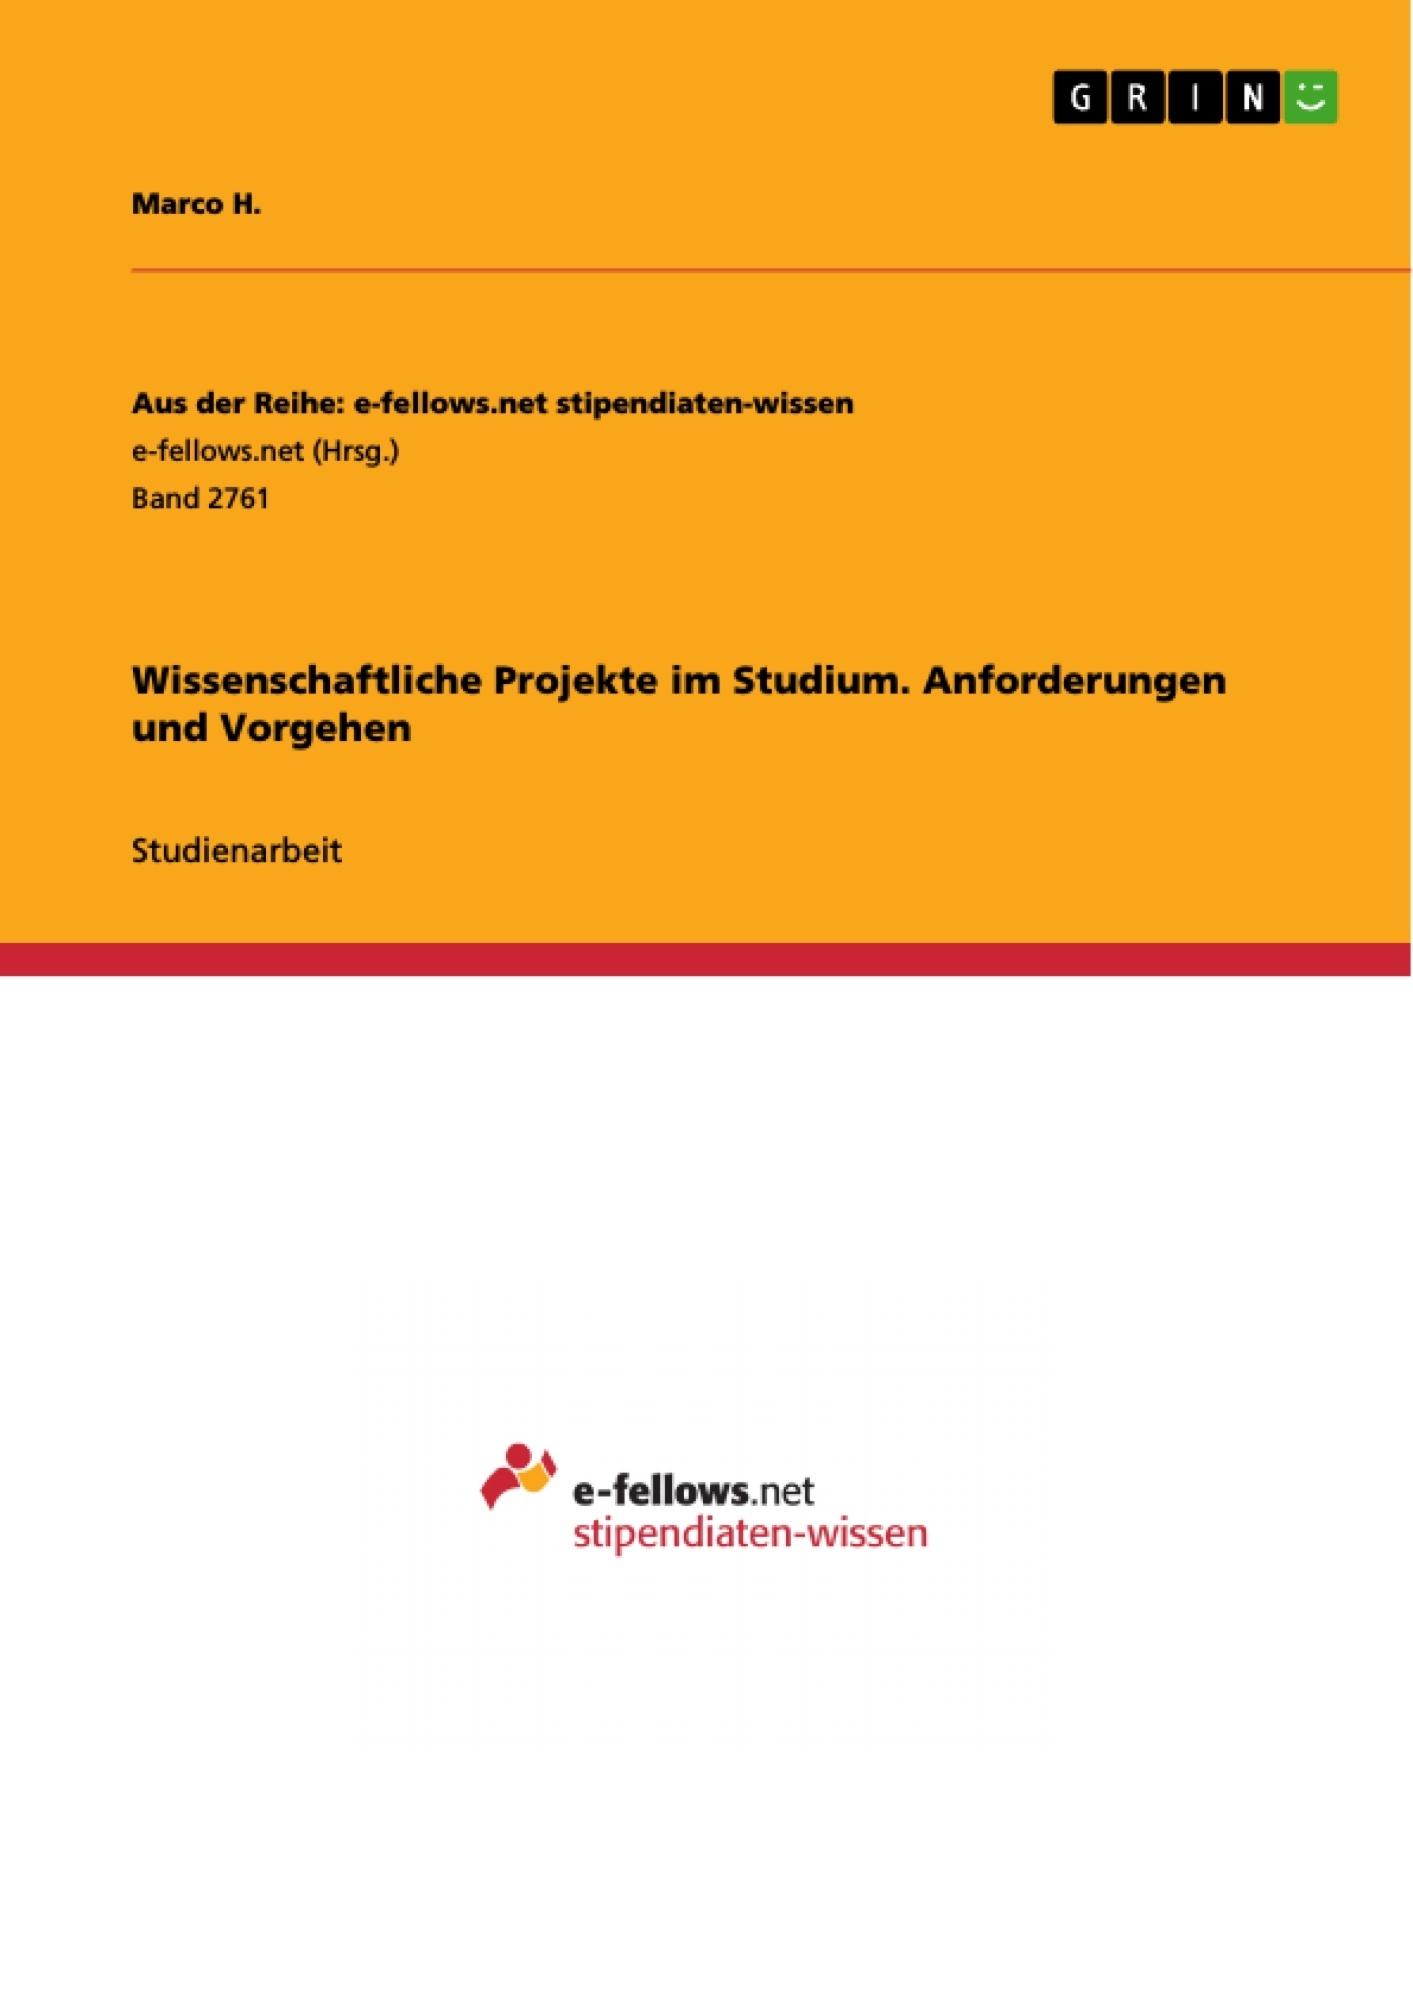 Titel: Wissenschaftliche Projekte im Studium. Anforderungen und Vorgehen